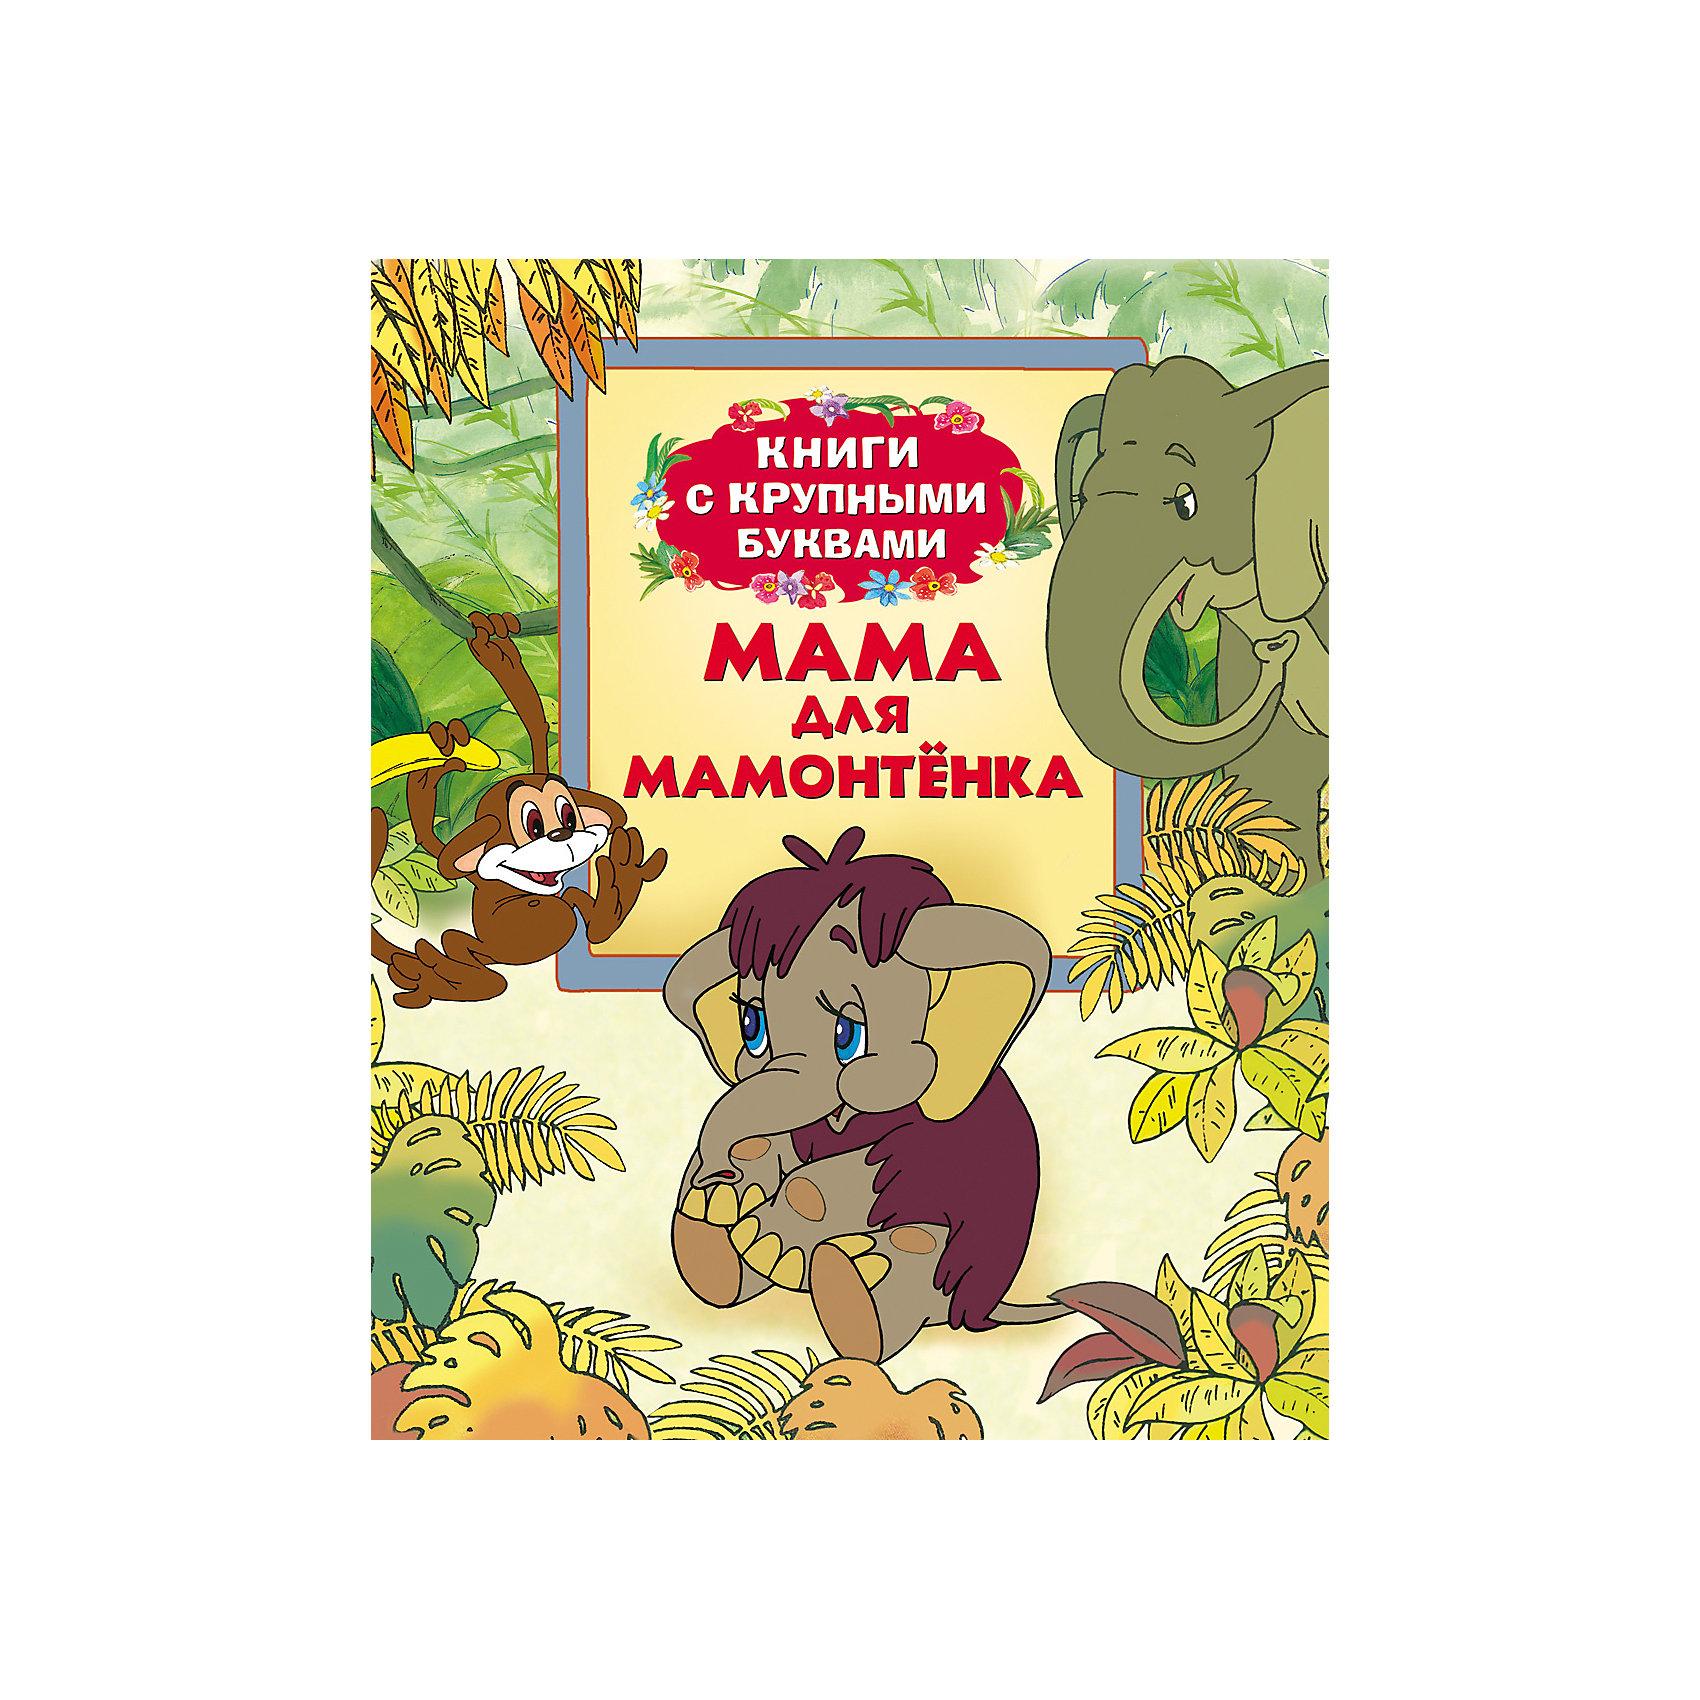 Книга с крупными буквами Мама для МамонтенкаХарактеристики товара:<br><br>- цвет: разноцветный;<br>- материал: бумага;<br>- страниц: 32;<br>- формат: 20 х 26 см;<br>- обложка: твердая;<br>- иллюстрации;<br>- содержание: Мама для Мамонтенка, Так сойдет.<br><br>Эта интересная книга с иллюстрациями станет отличным подарком для ребенка. Она содержит в себе известные сказки, которые любит не одно поколение! Талантливый иллюстратор дополнил книгу качественными рисунками, которые помогают ребенку проникнуться духом сказки.<br>Чтение - отличный способ активизации мышления, оно помогает ребенку развивать зрительную память, концентрацию внимания и воображение. Издание произведено из качественных материалов, которые безопасны даже для самых маленьких.<br><br>Книгу с крупными буквами Мама для Мамонтенка от компании Росмэн можно купить в нашем интернет-магазине.<br><br>Ширина мм: 180<br>Глубина мм: 250<br>Высота мм: 10<br>Вес г: 280<br>Возраст от месяцев: 36<br>Возраст до месяцев: 72<br>Пол: Унисекс<br>Возраст: Детский<br>SKU: 3335593